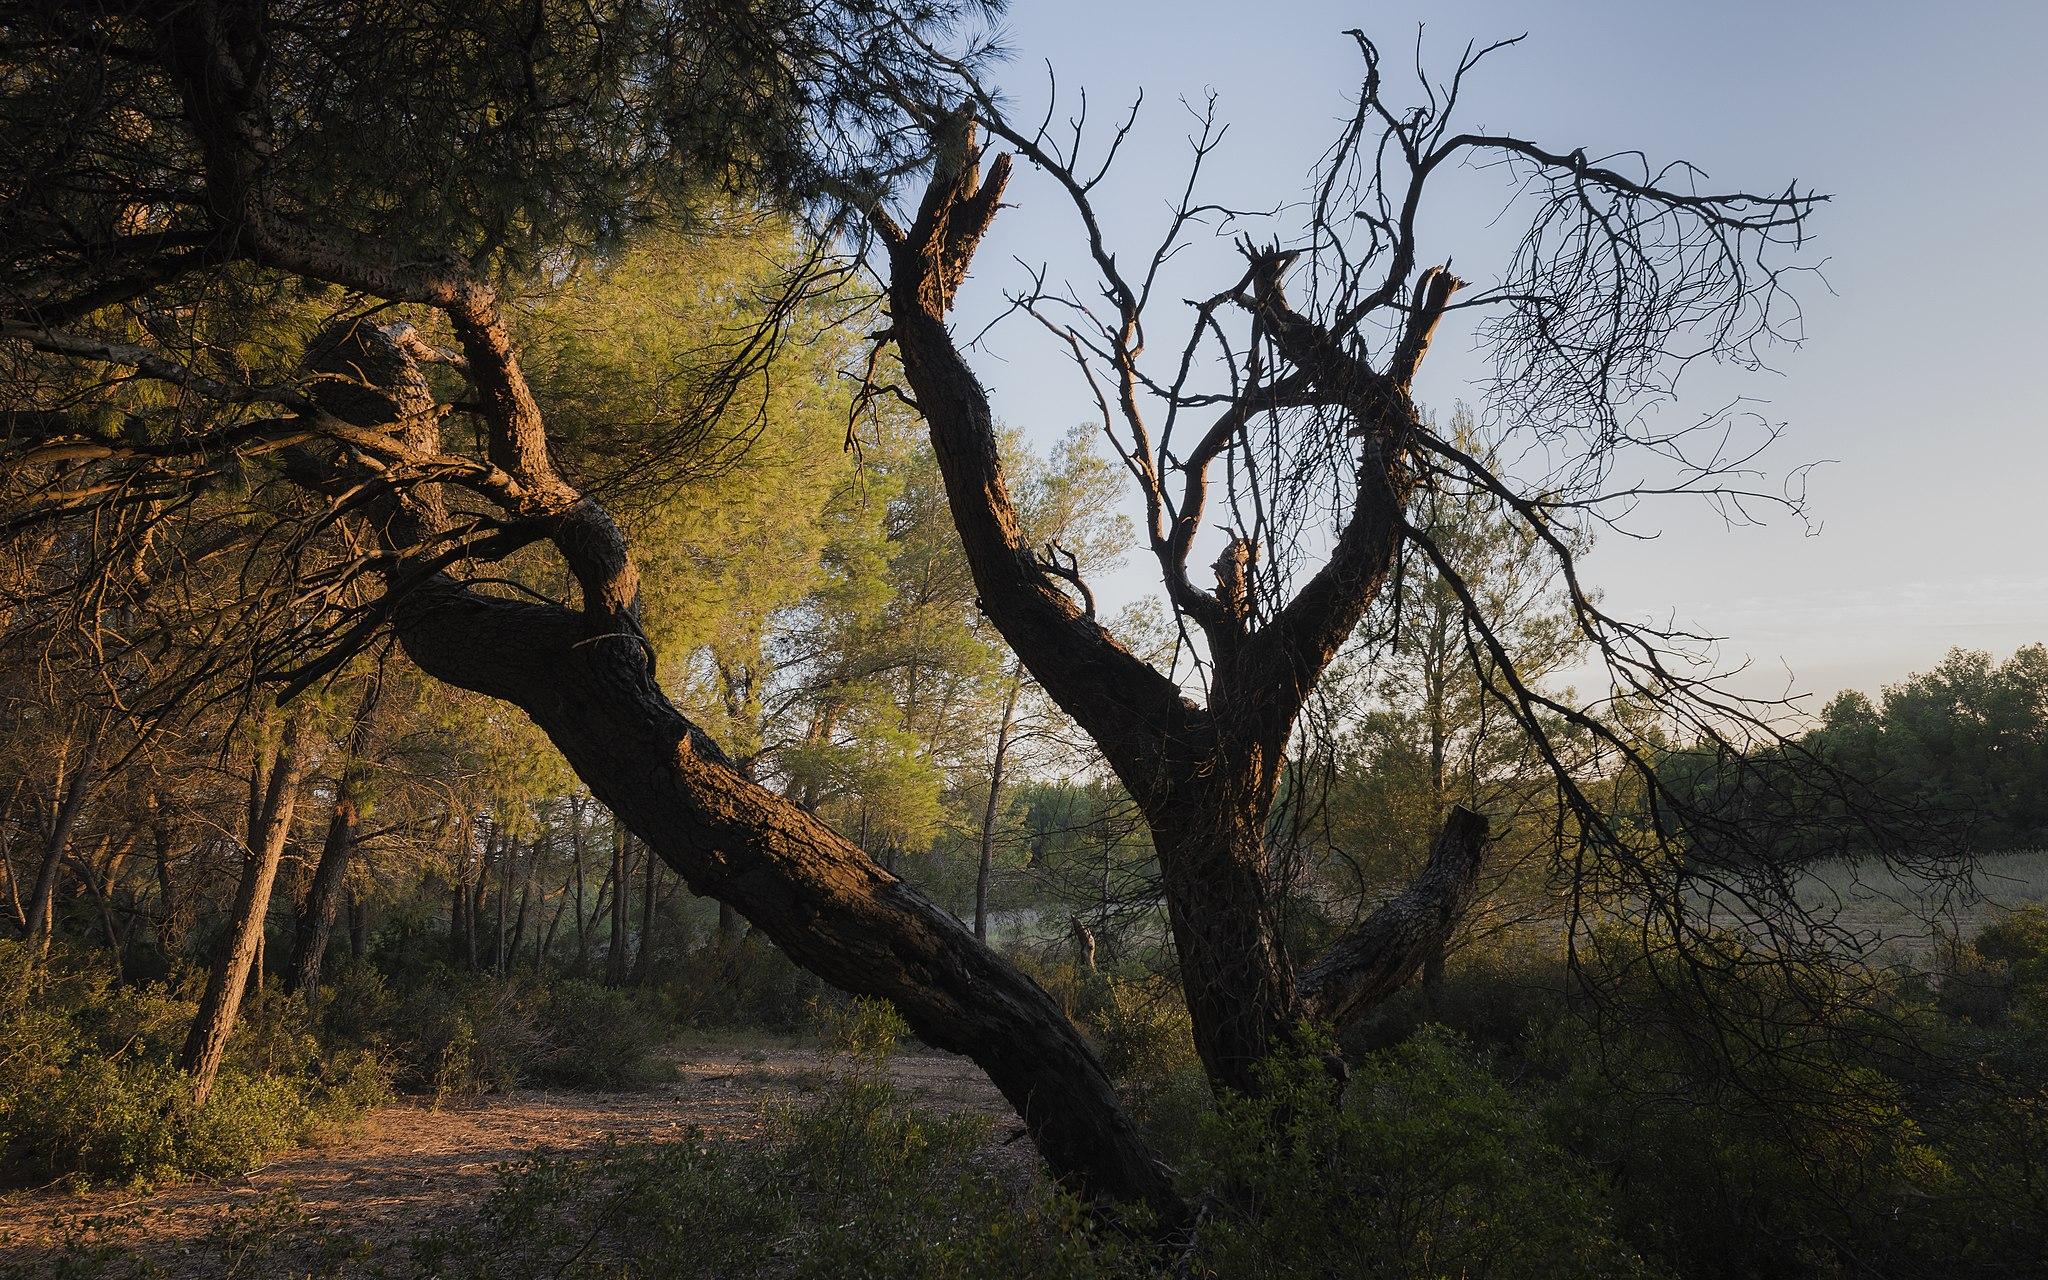 עצי האורן מתים מצמא